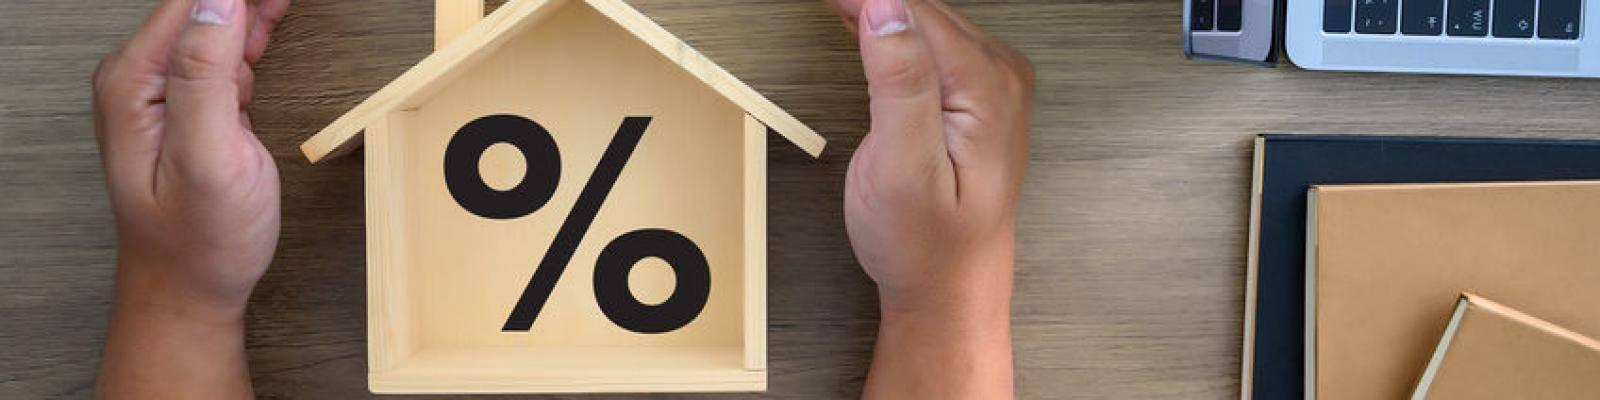 percentage teken in houten huisje